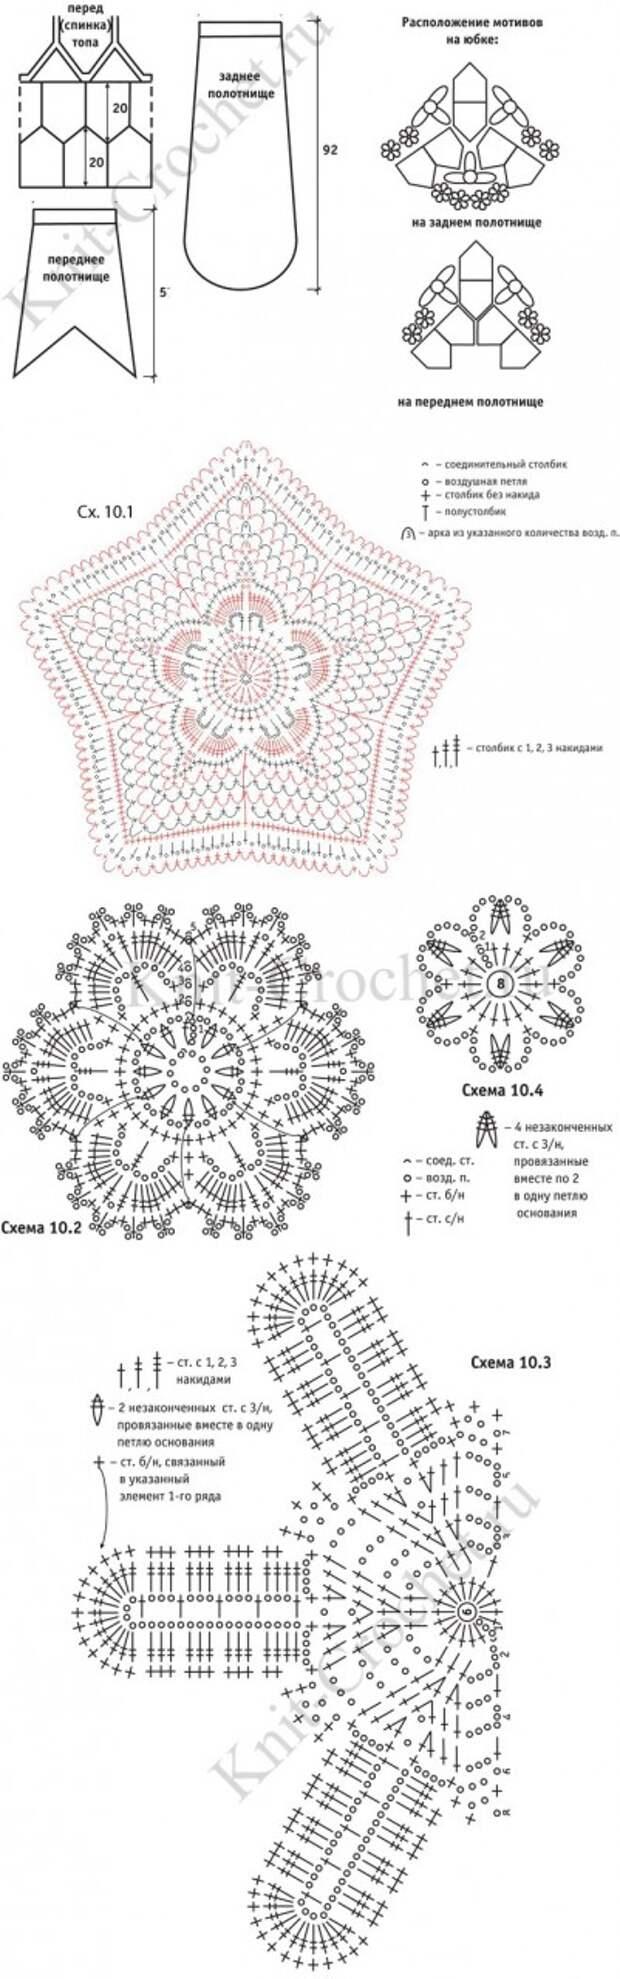 Выкройка, схемы узоров и обозначения для вязания крючком женского нарядного костюма.